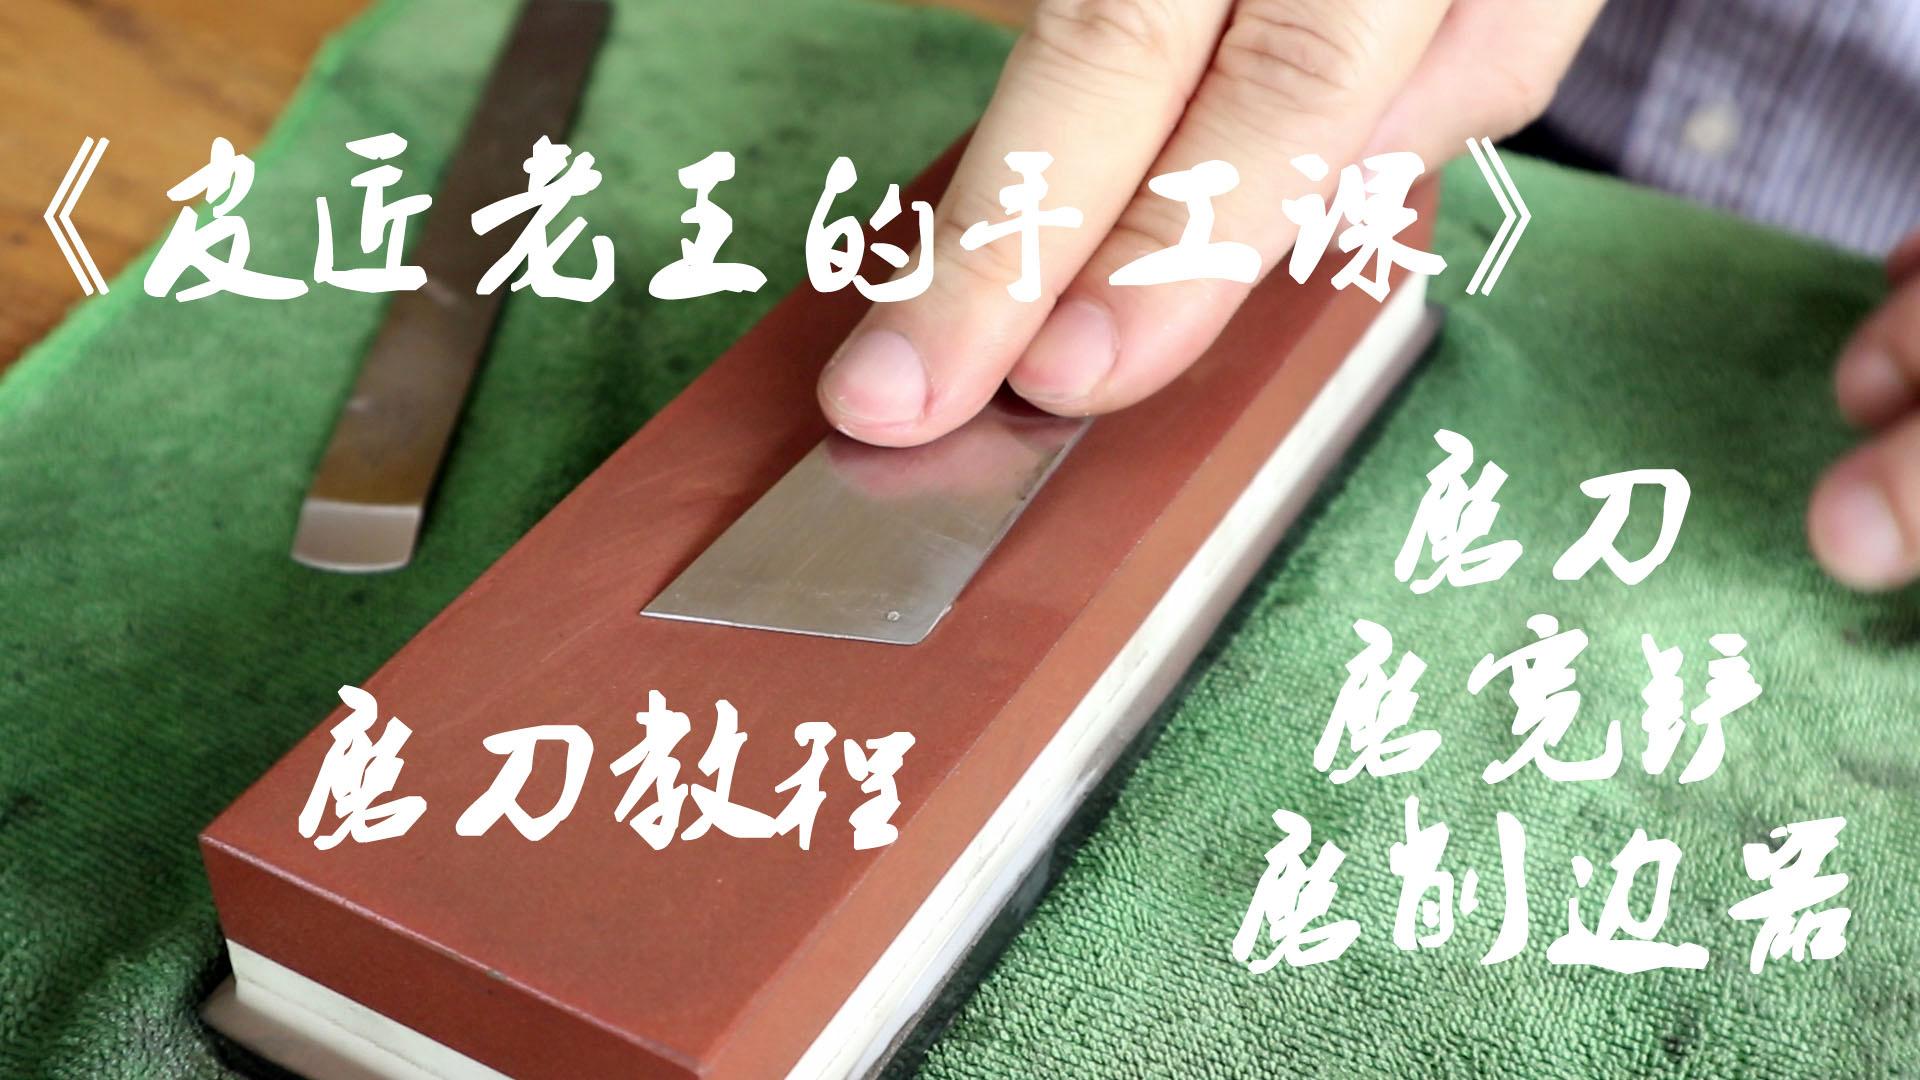 【皮匠老王的手工课】 教你磨刀磨宽铲磨削边器